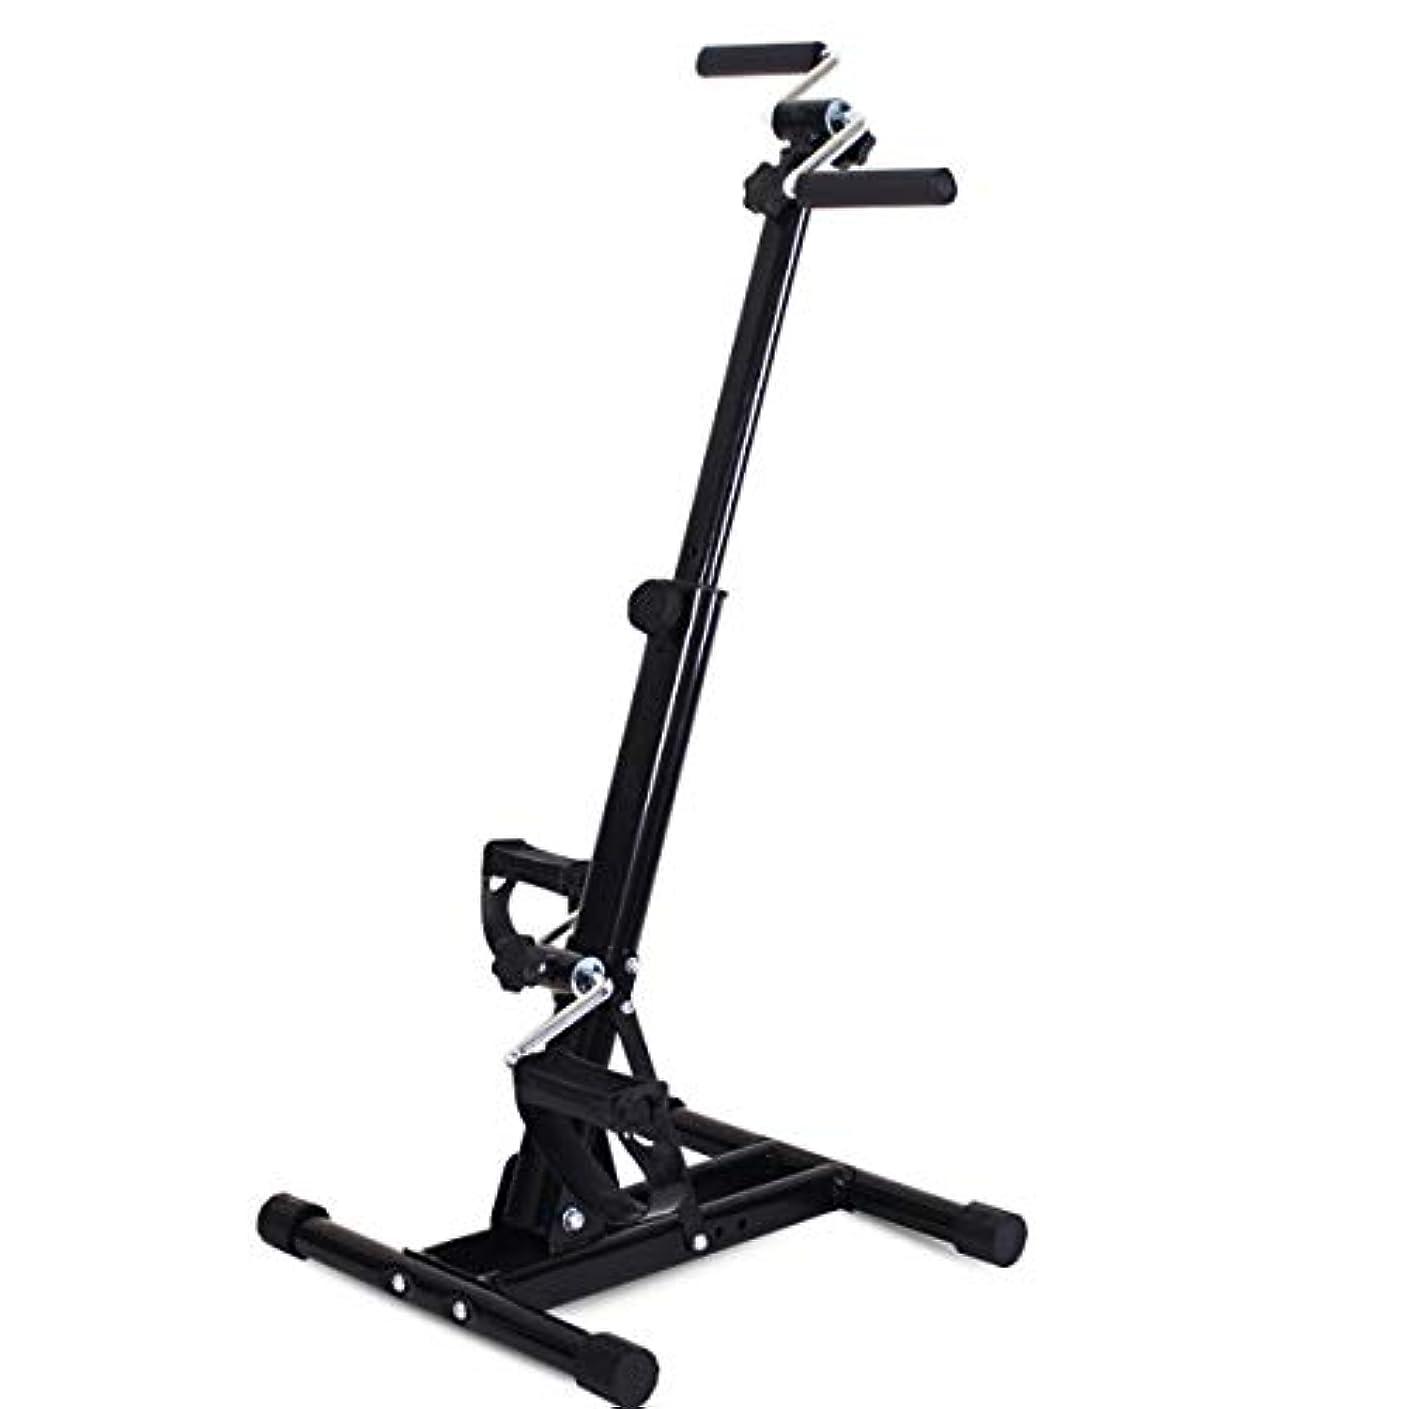 砂の物足りないに頼る高齢者リハビリテーション訓練自転車、ホームレッグアームペダルエクササイザー、上肢および下肢のトレーニング機器、ホーム理学療法フィットネストレーニング,A